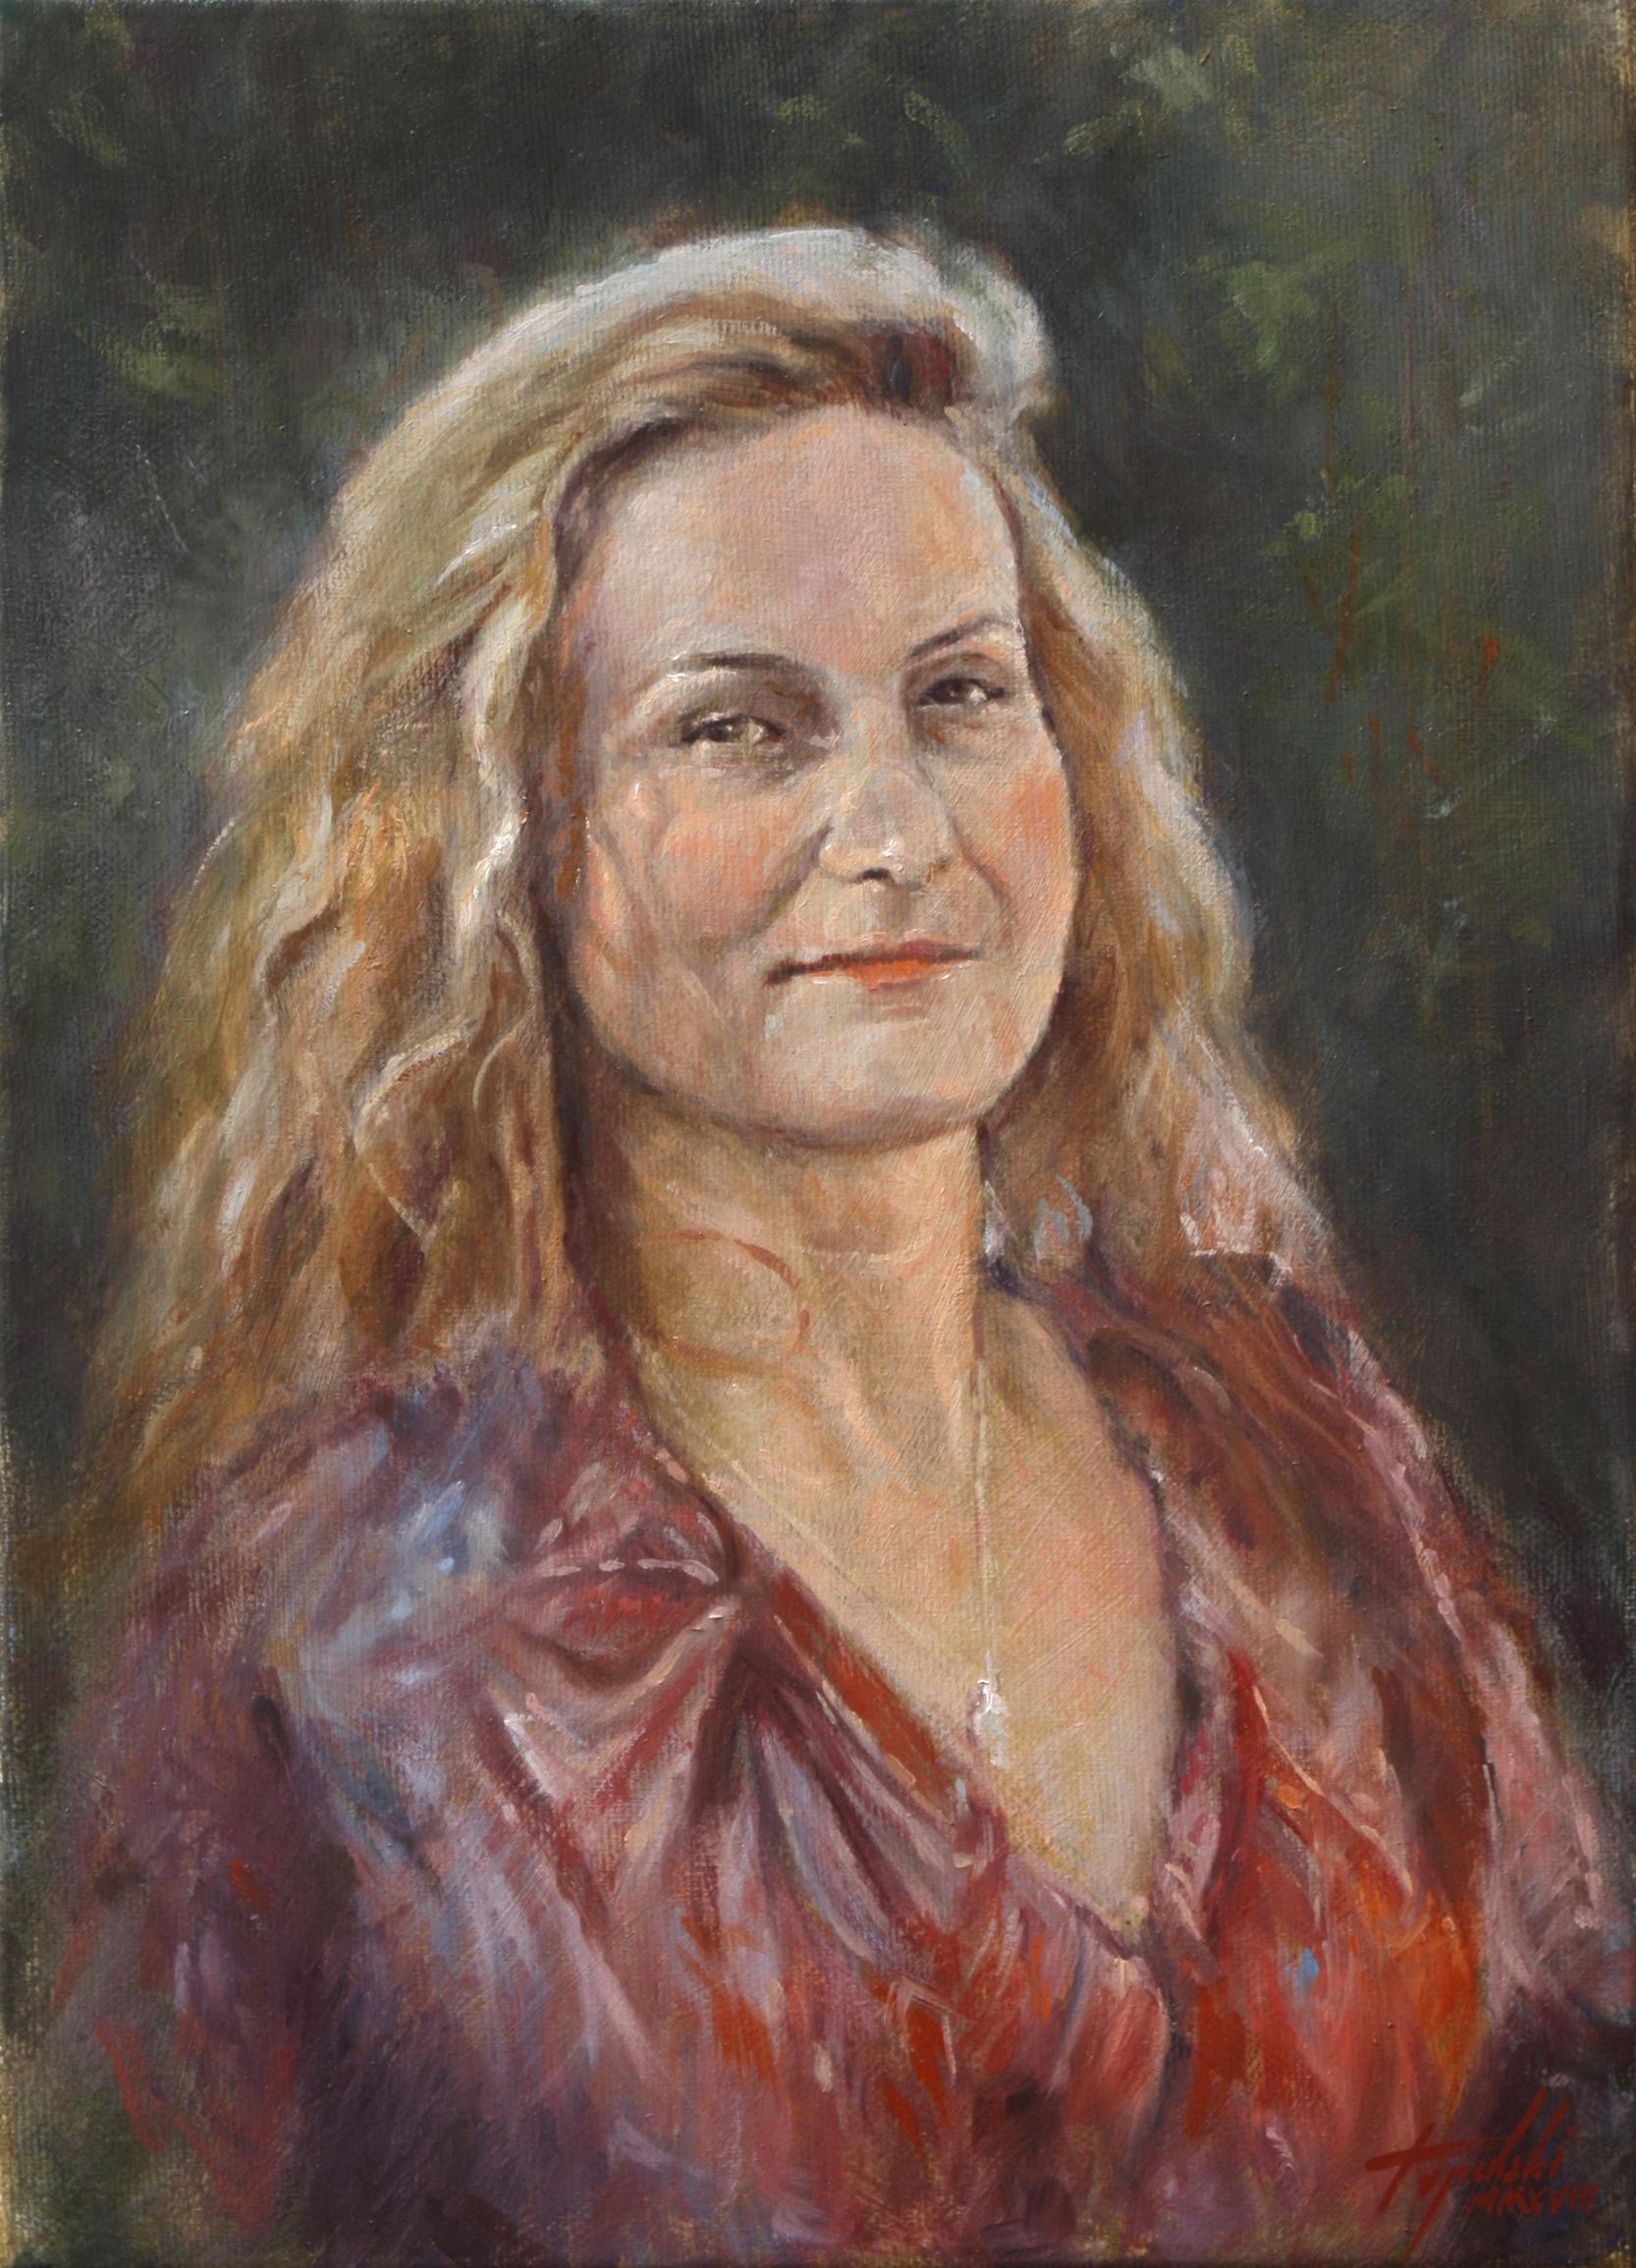 Umetnička Slika Portret - Tamara - Ulje na Platnu - umetnik Darko Topalski